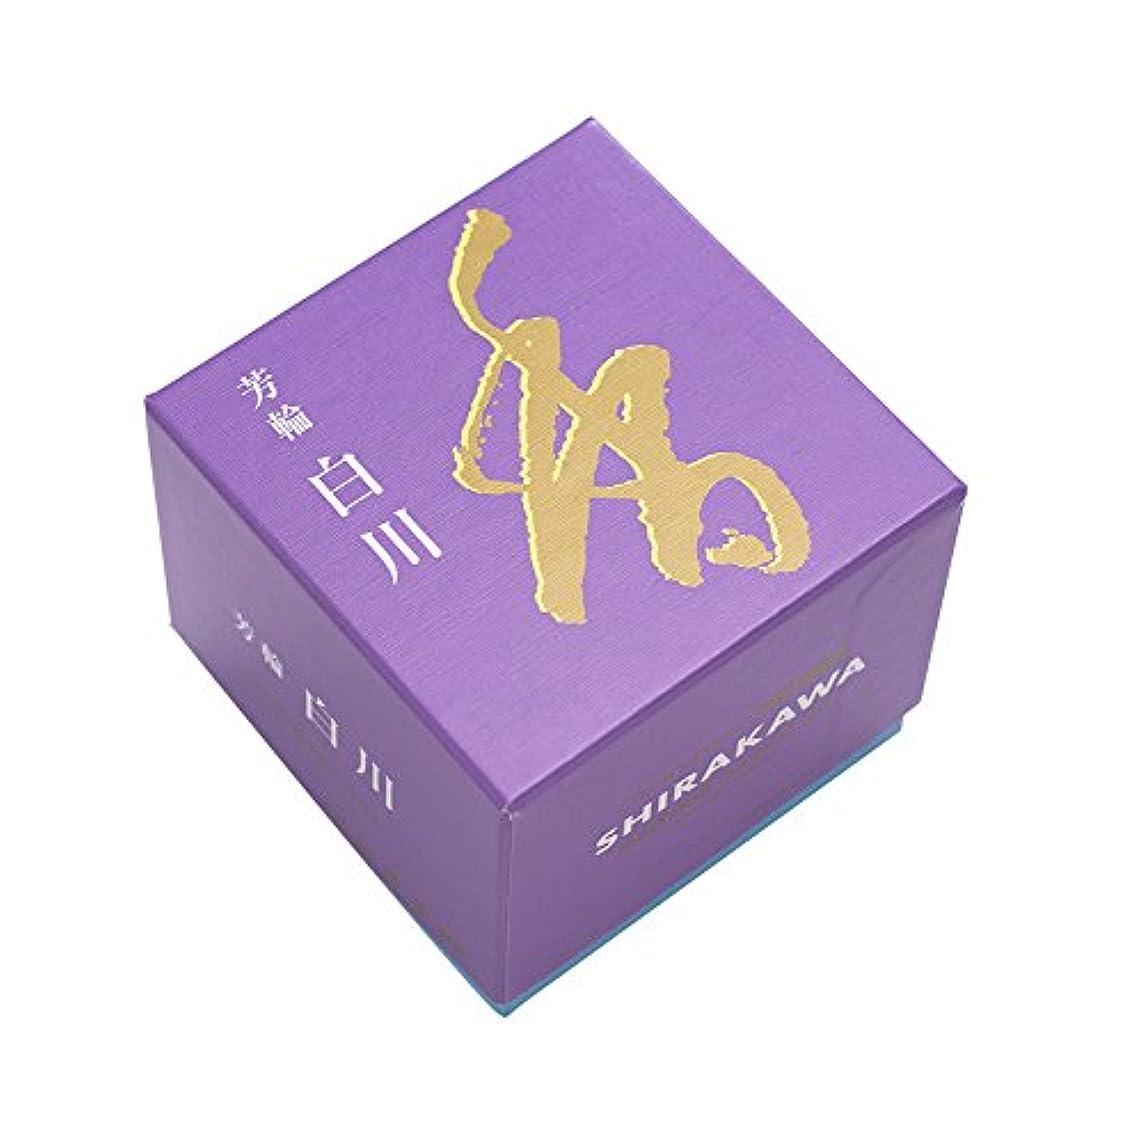 再現する合法時系列松栄堂のお香 芳輪白川 渦巻型10枚入 うてな角型付 #210621